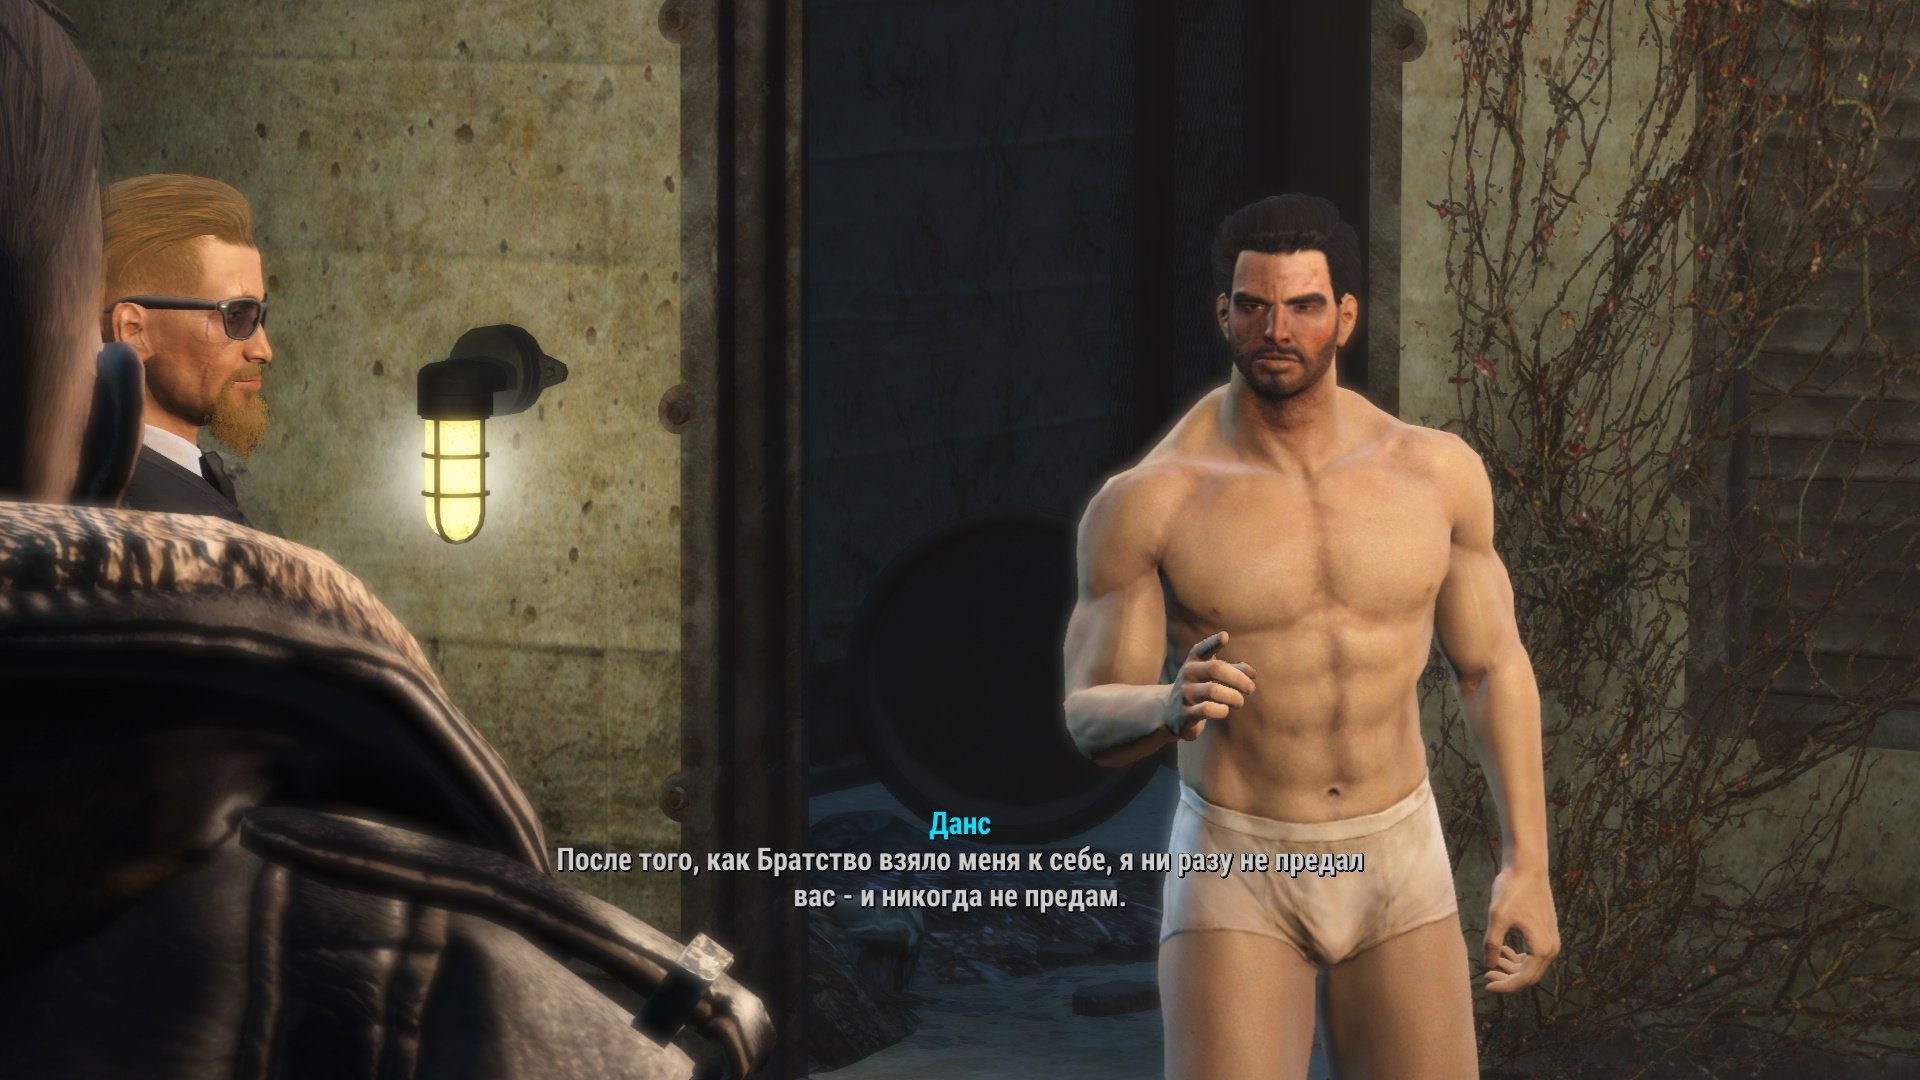 Сравнительный анализ (на самом деле нет) Fallout New Vegas vs. Fallout 4 (часть 2) - Изображение 12